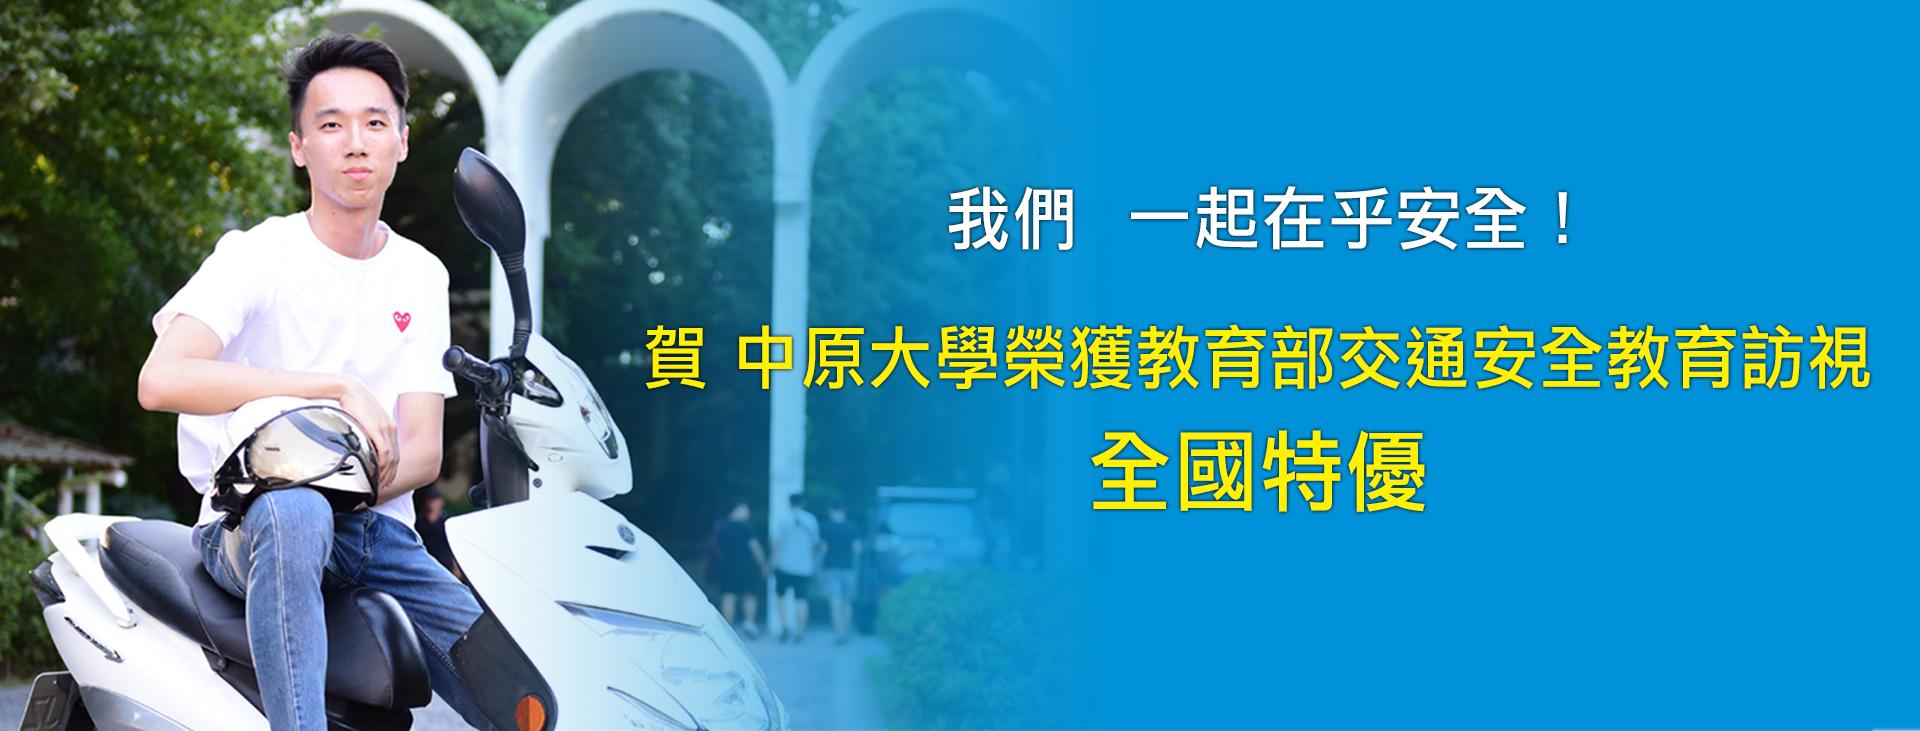 中原大學榮獲教育部交通安全教育訪視 全國特優